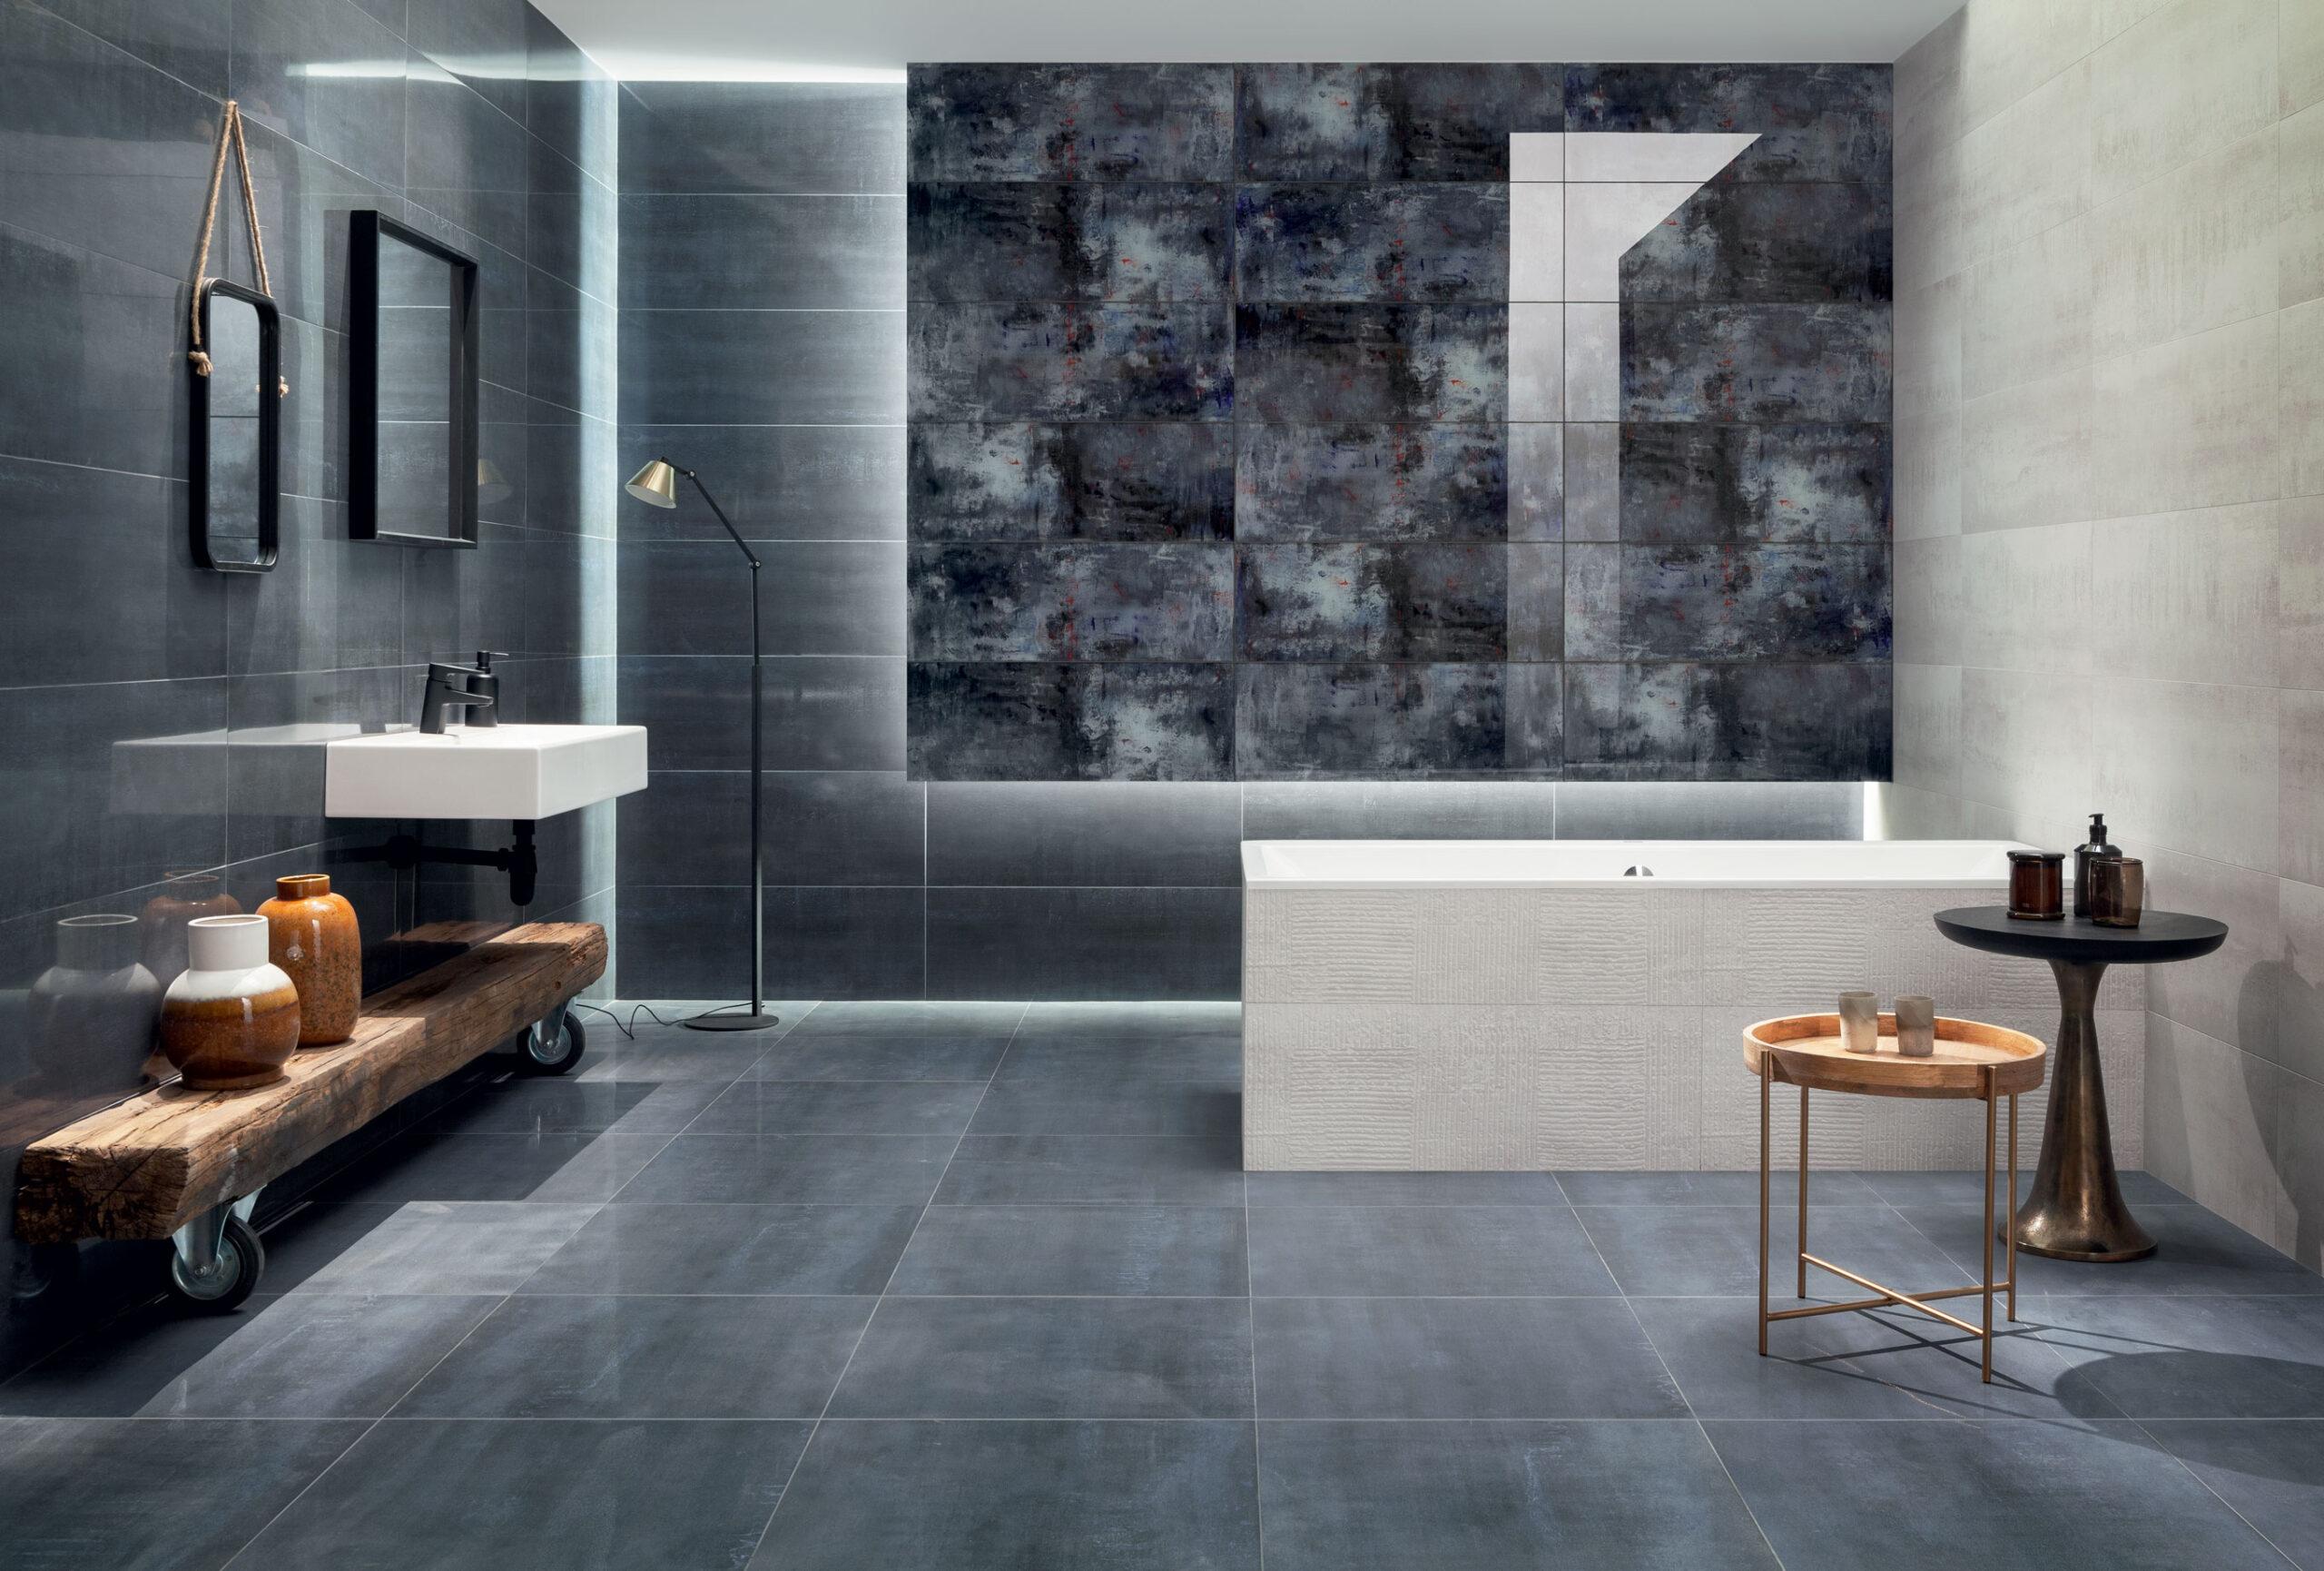 Czarna łazienka z jasnymi dodatkami w stylu art déco